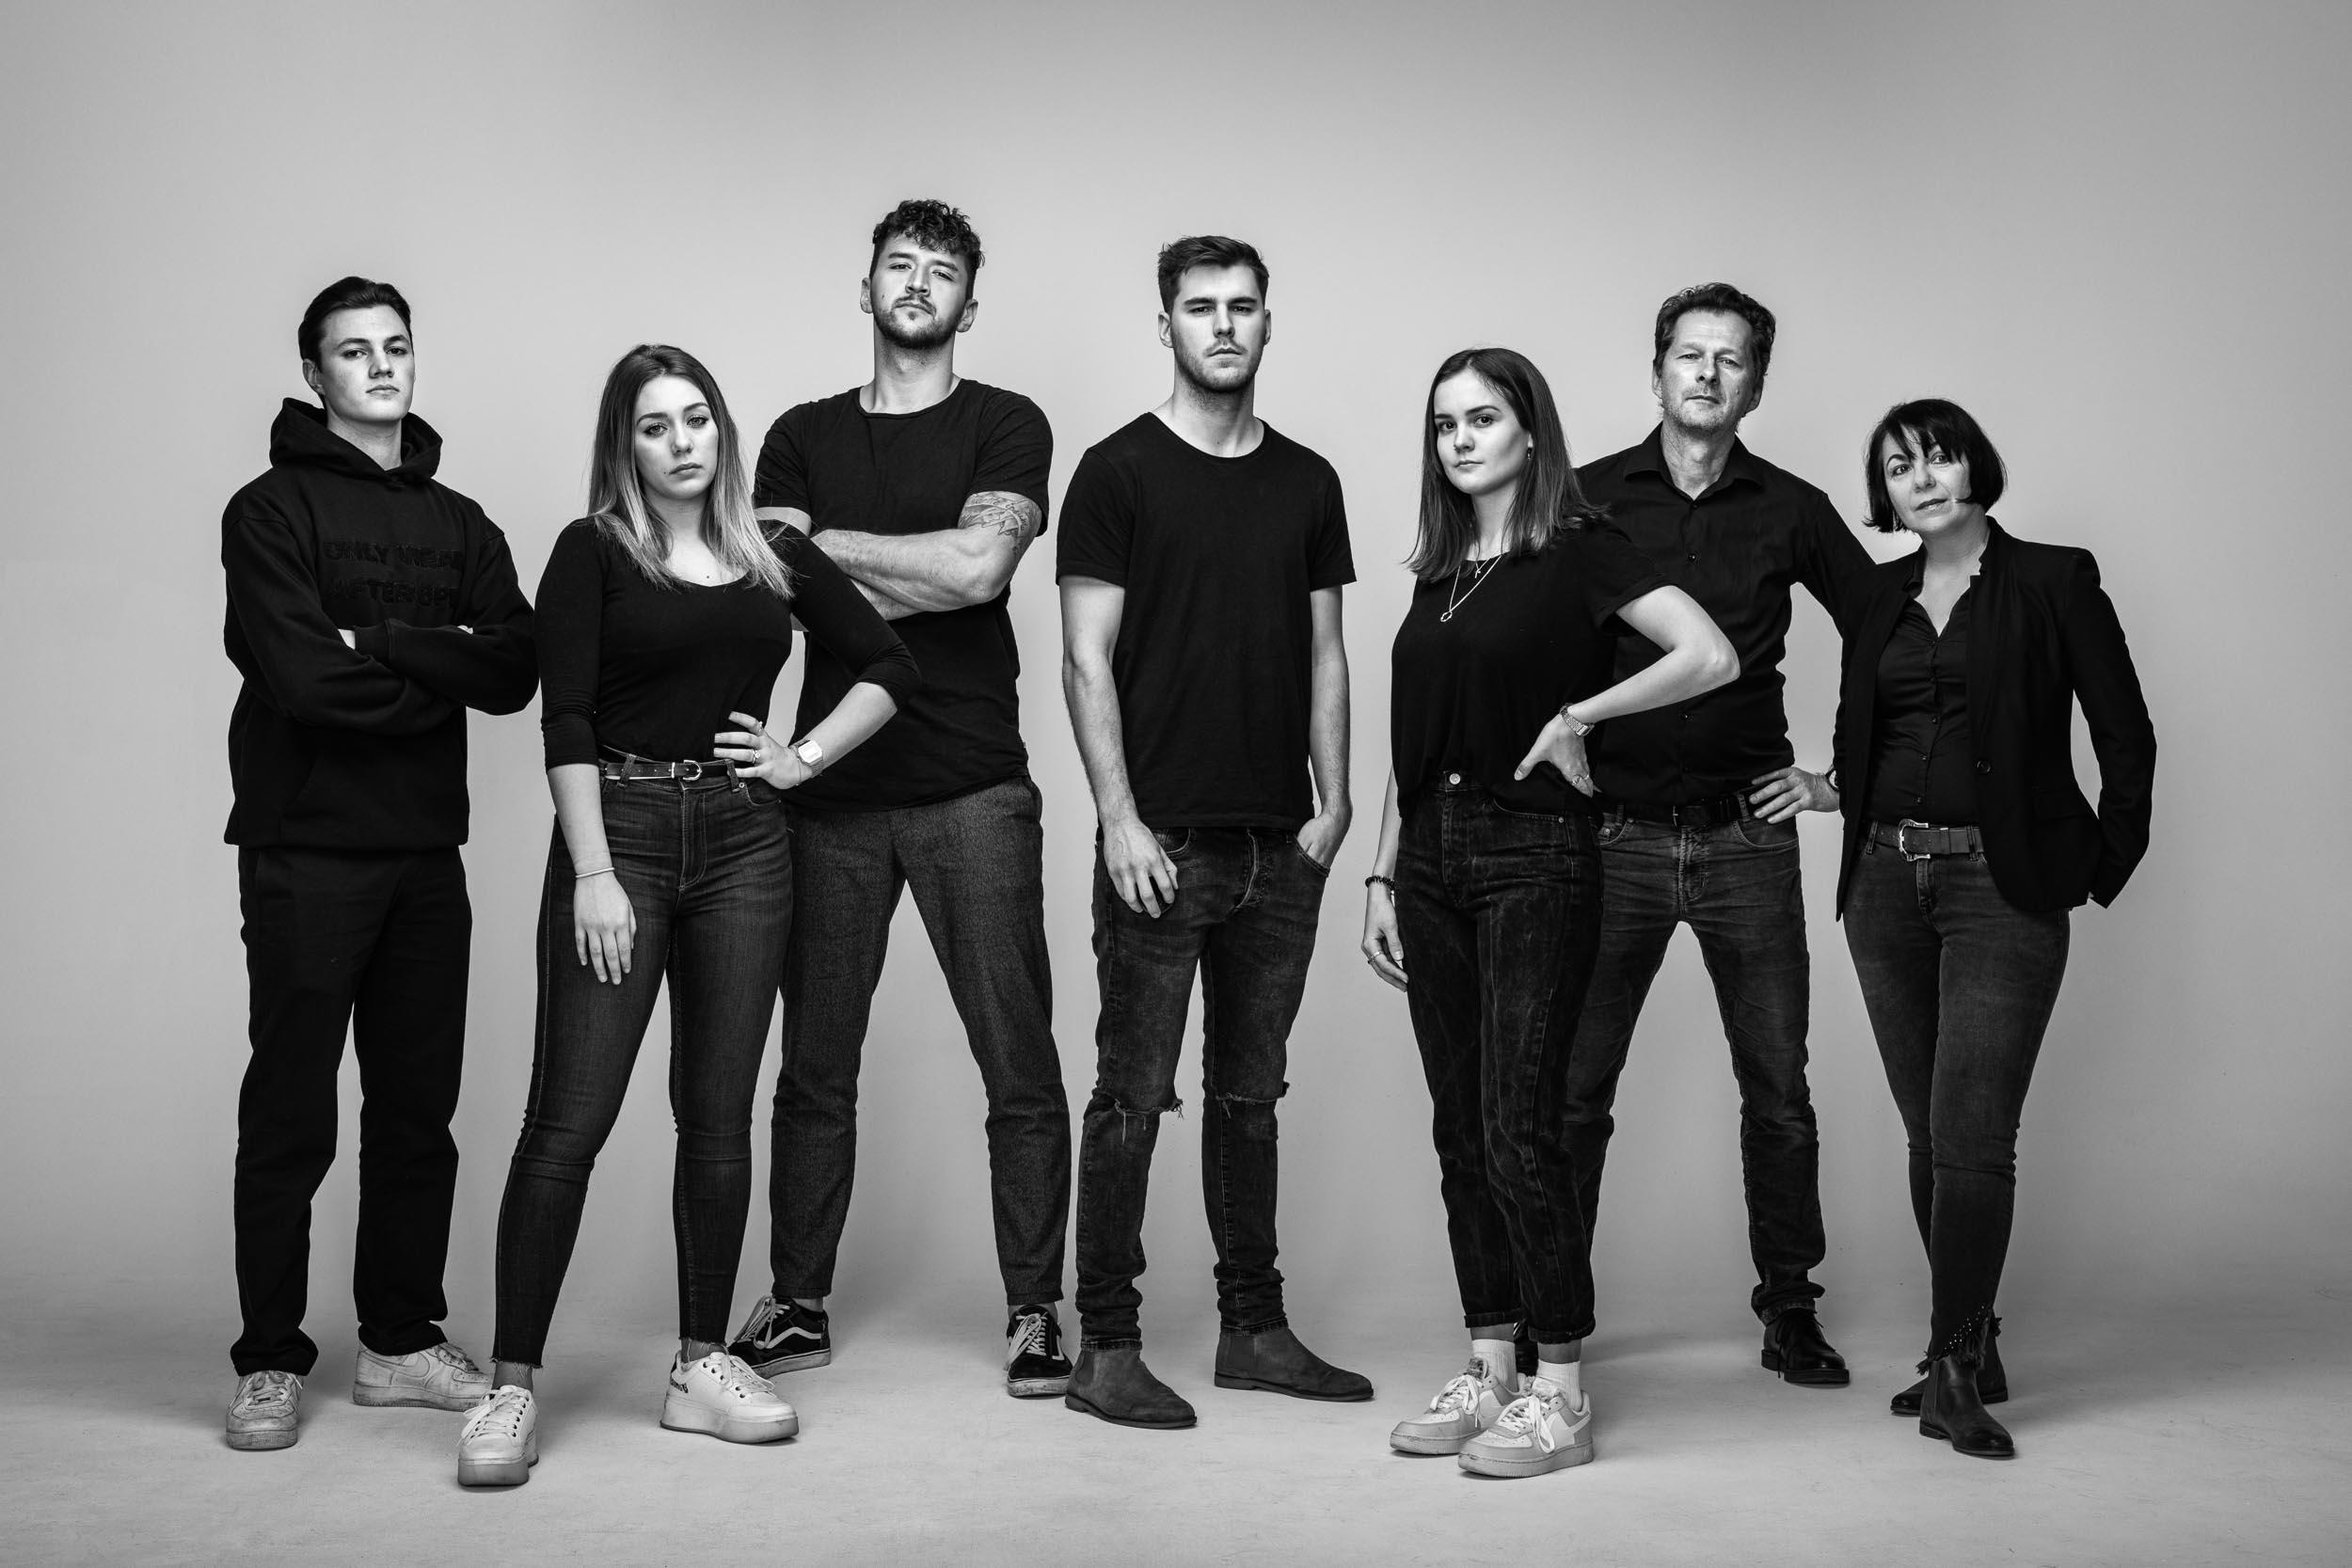 Das Spezialistenteam von Studio Fasching, Fotografie, FIlm und Bildstrategien für Unternehmen